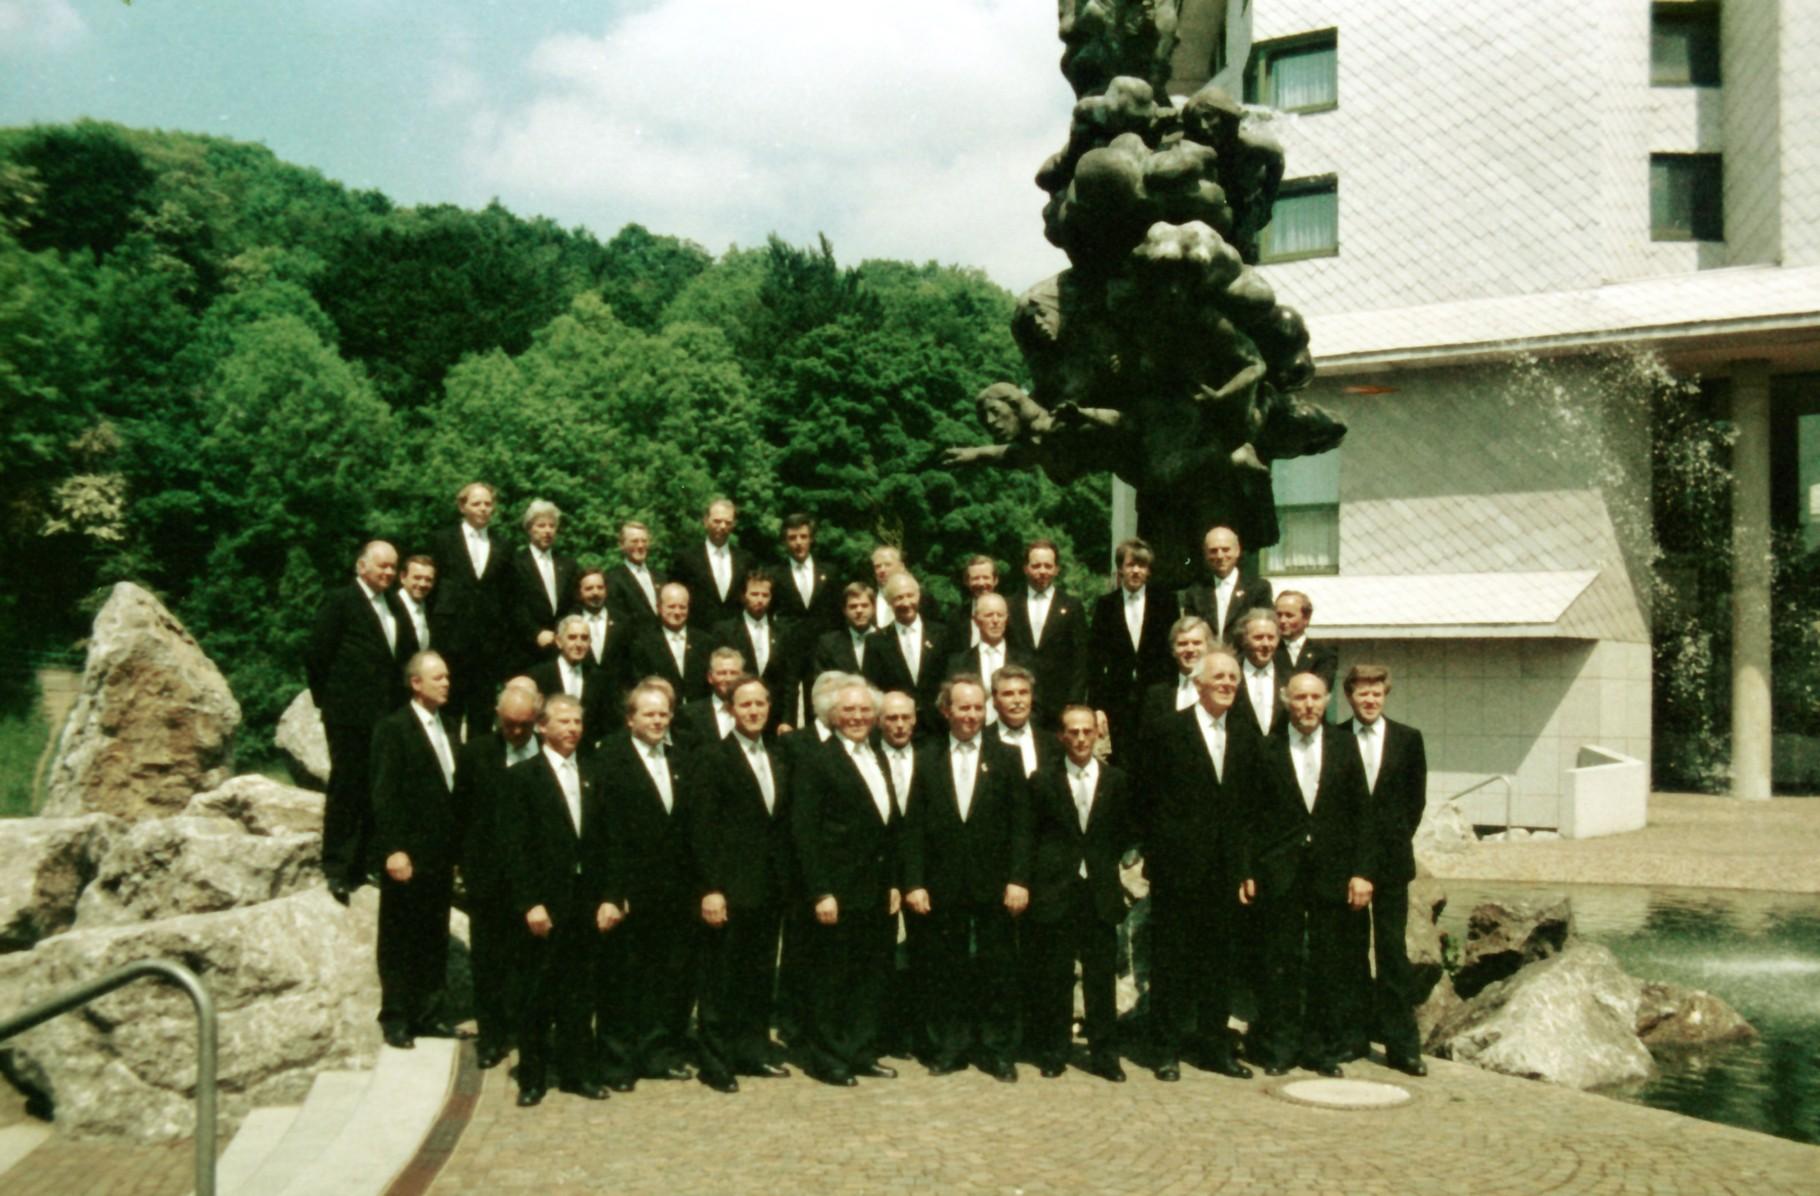 3. Meisterchor 1985 Stadthalle Hagen